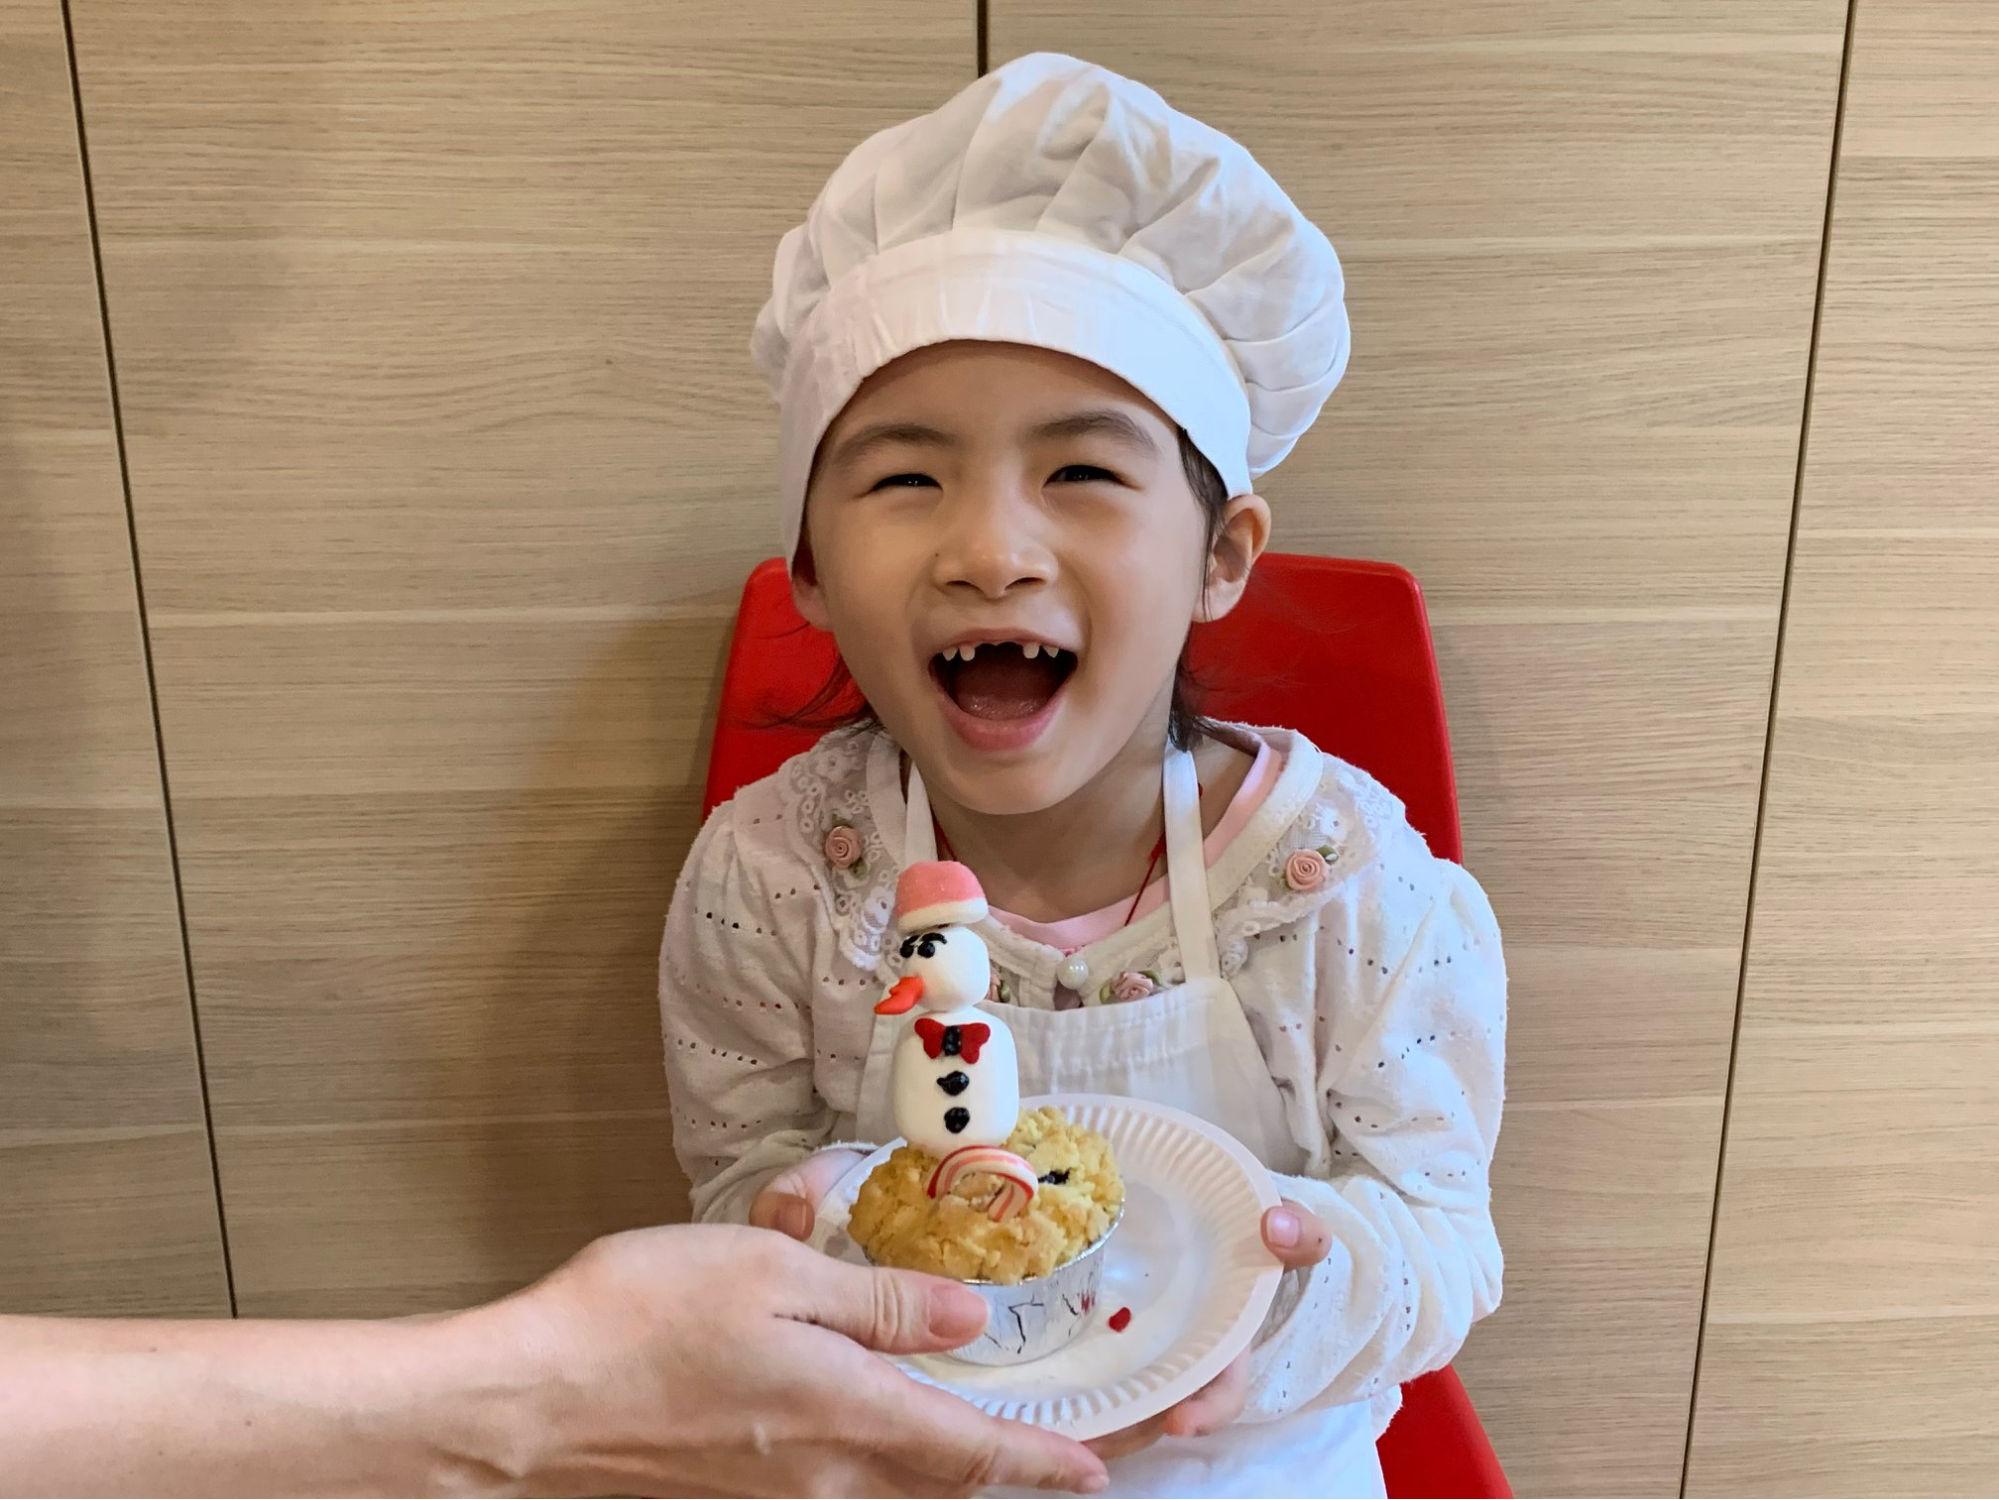 SAFRA kids' baking classes